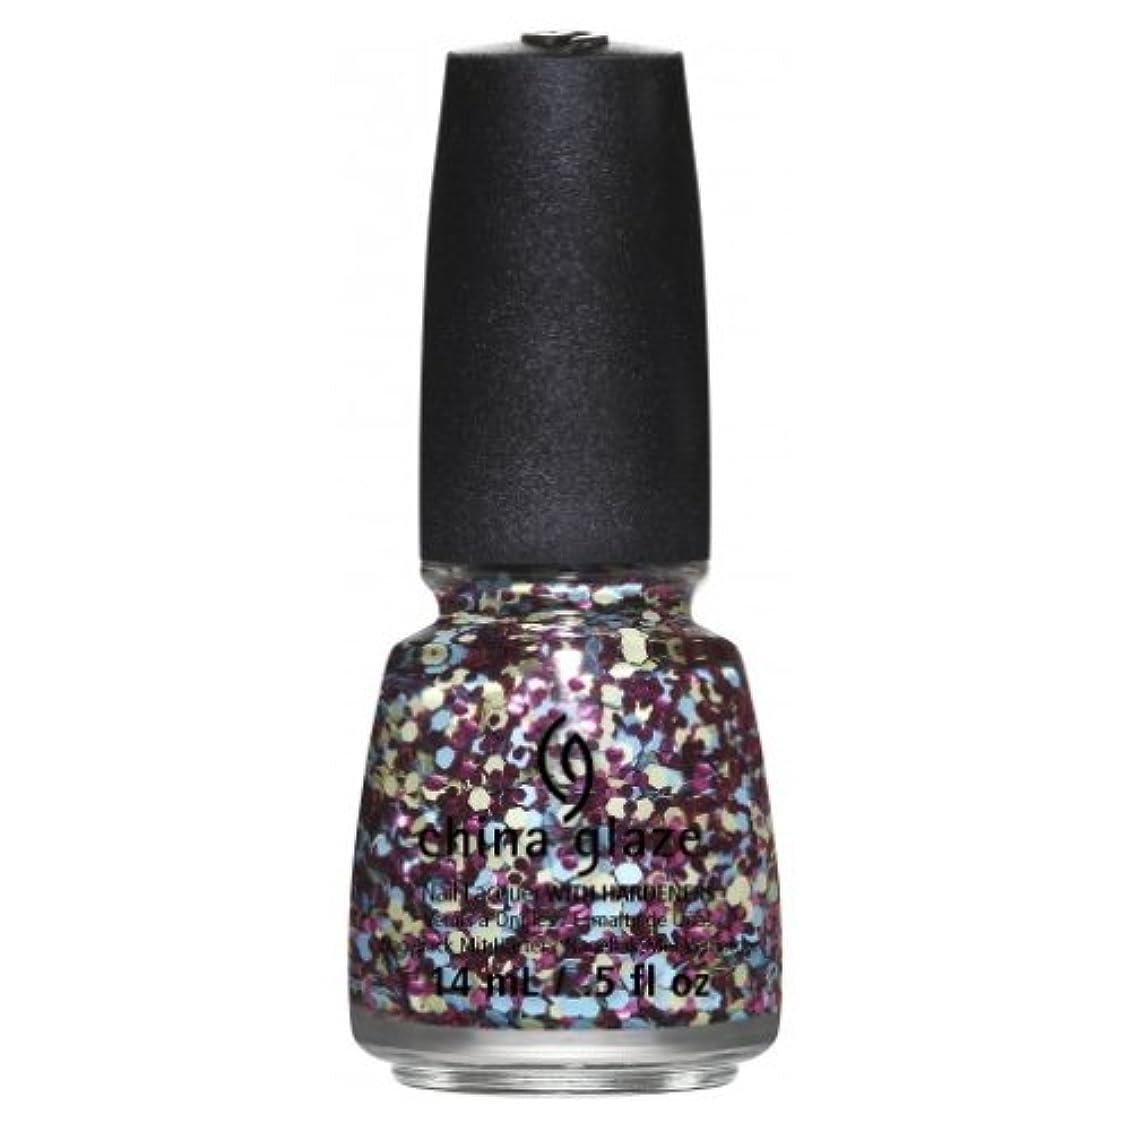 復活強調する定数(3 Pack) CHINA GLAZE Nail Lacquer - Suprise Collection - I'm A Go Glitter (並行輸入品)